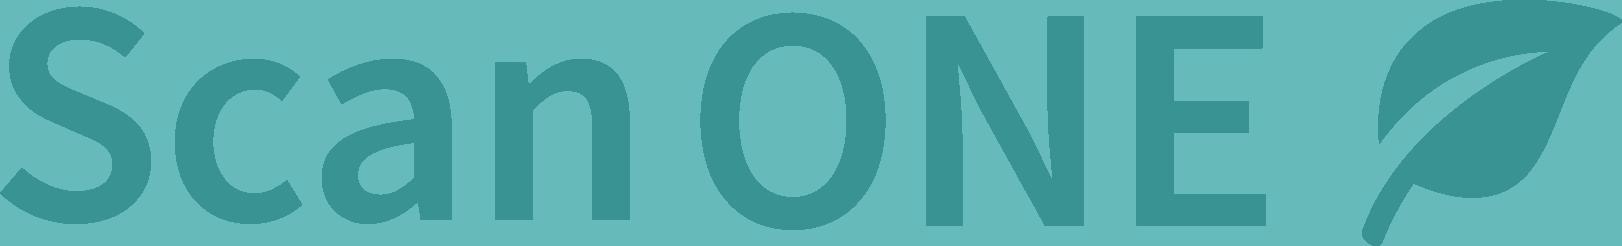 scanlogogrey